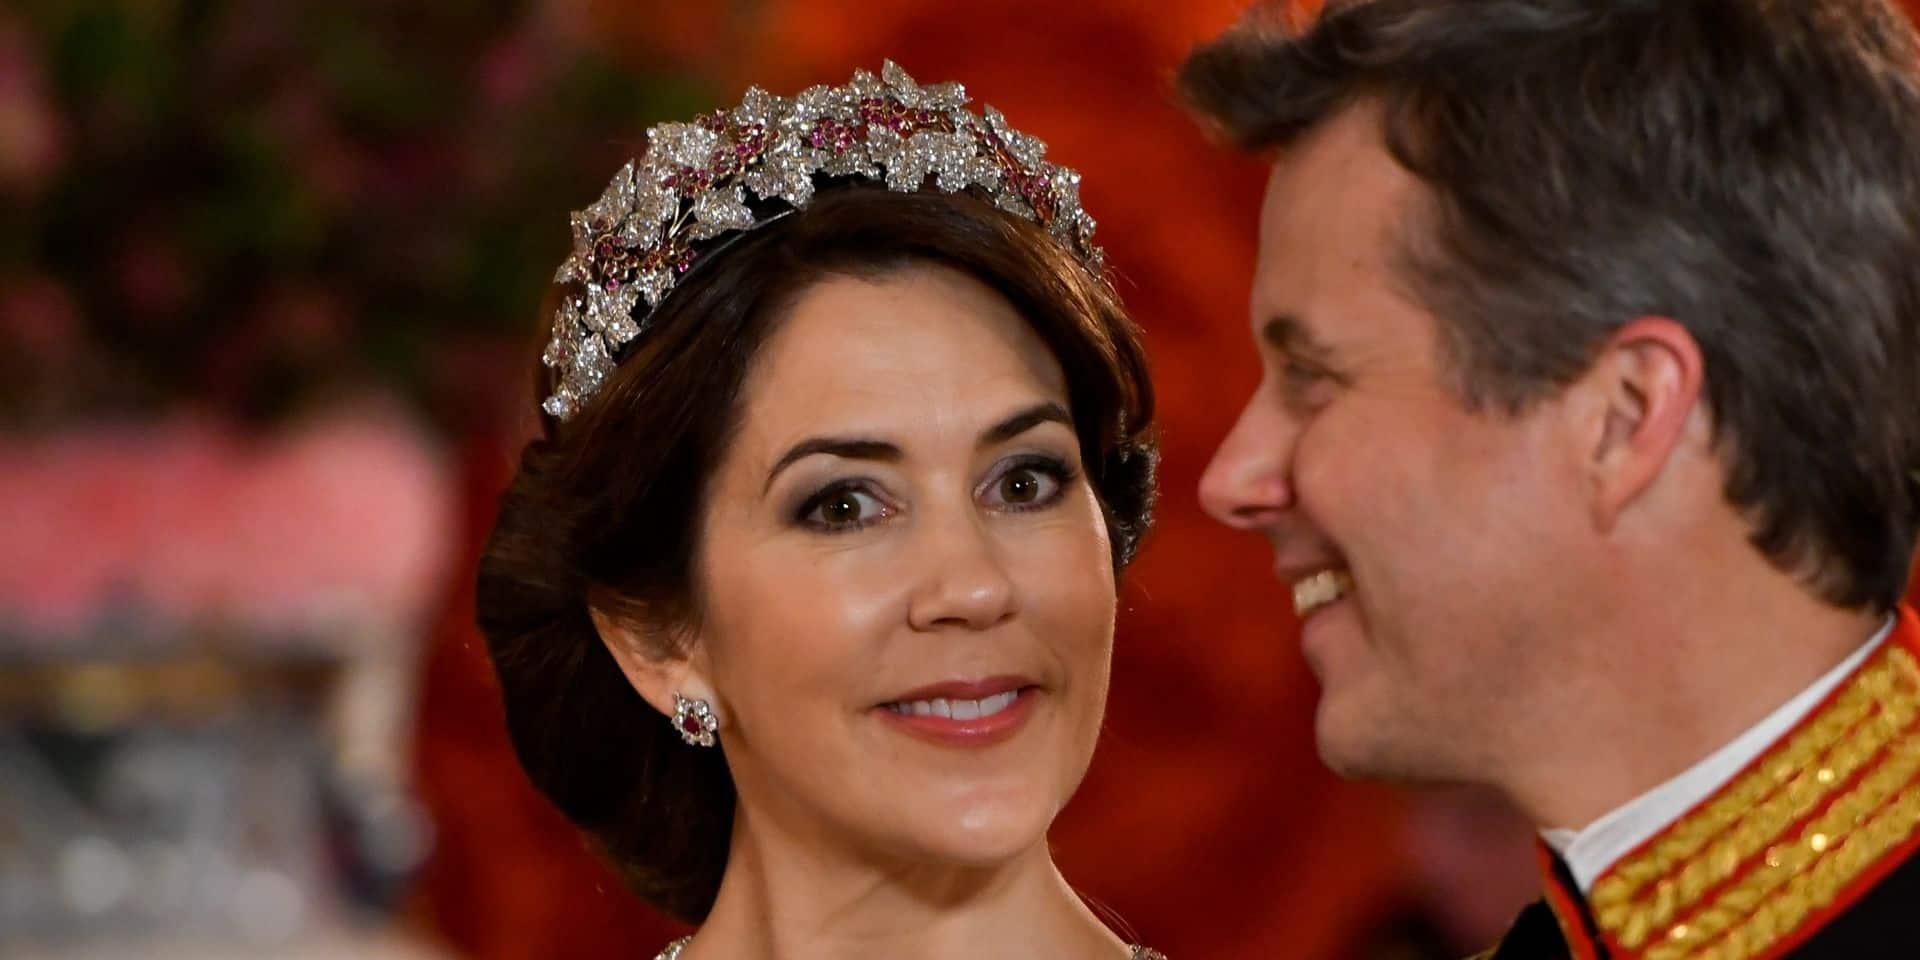 """Mary de Danemark, princesse """"normale"""" : elle présente ses excuses après une bourde"""